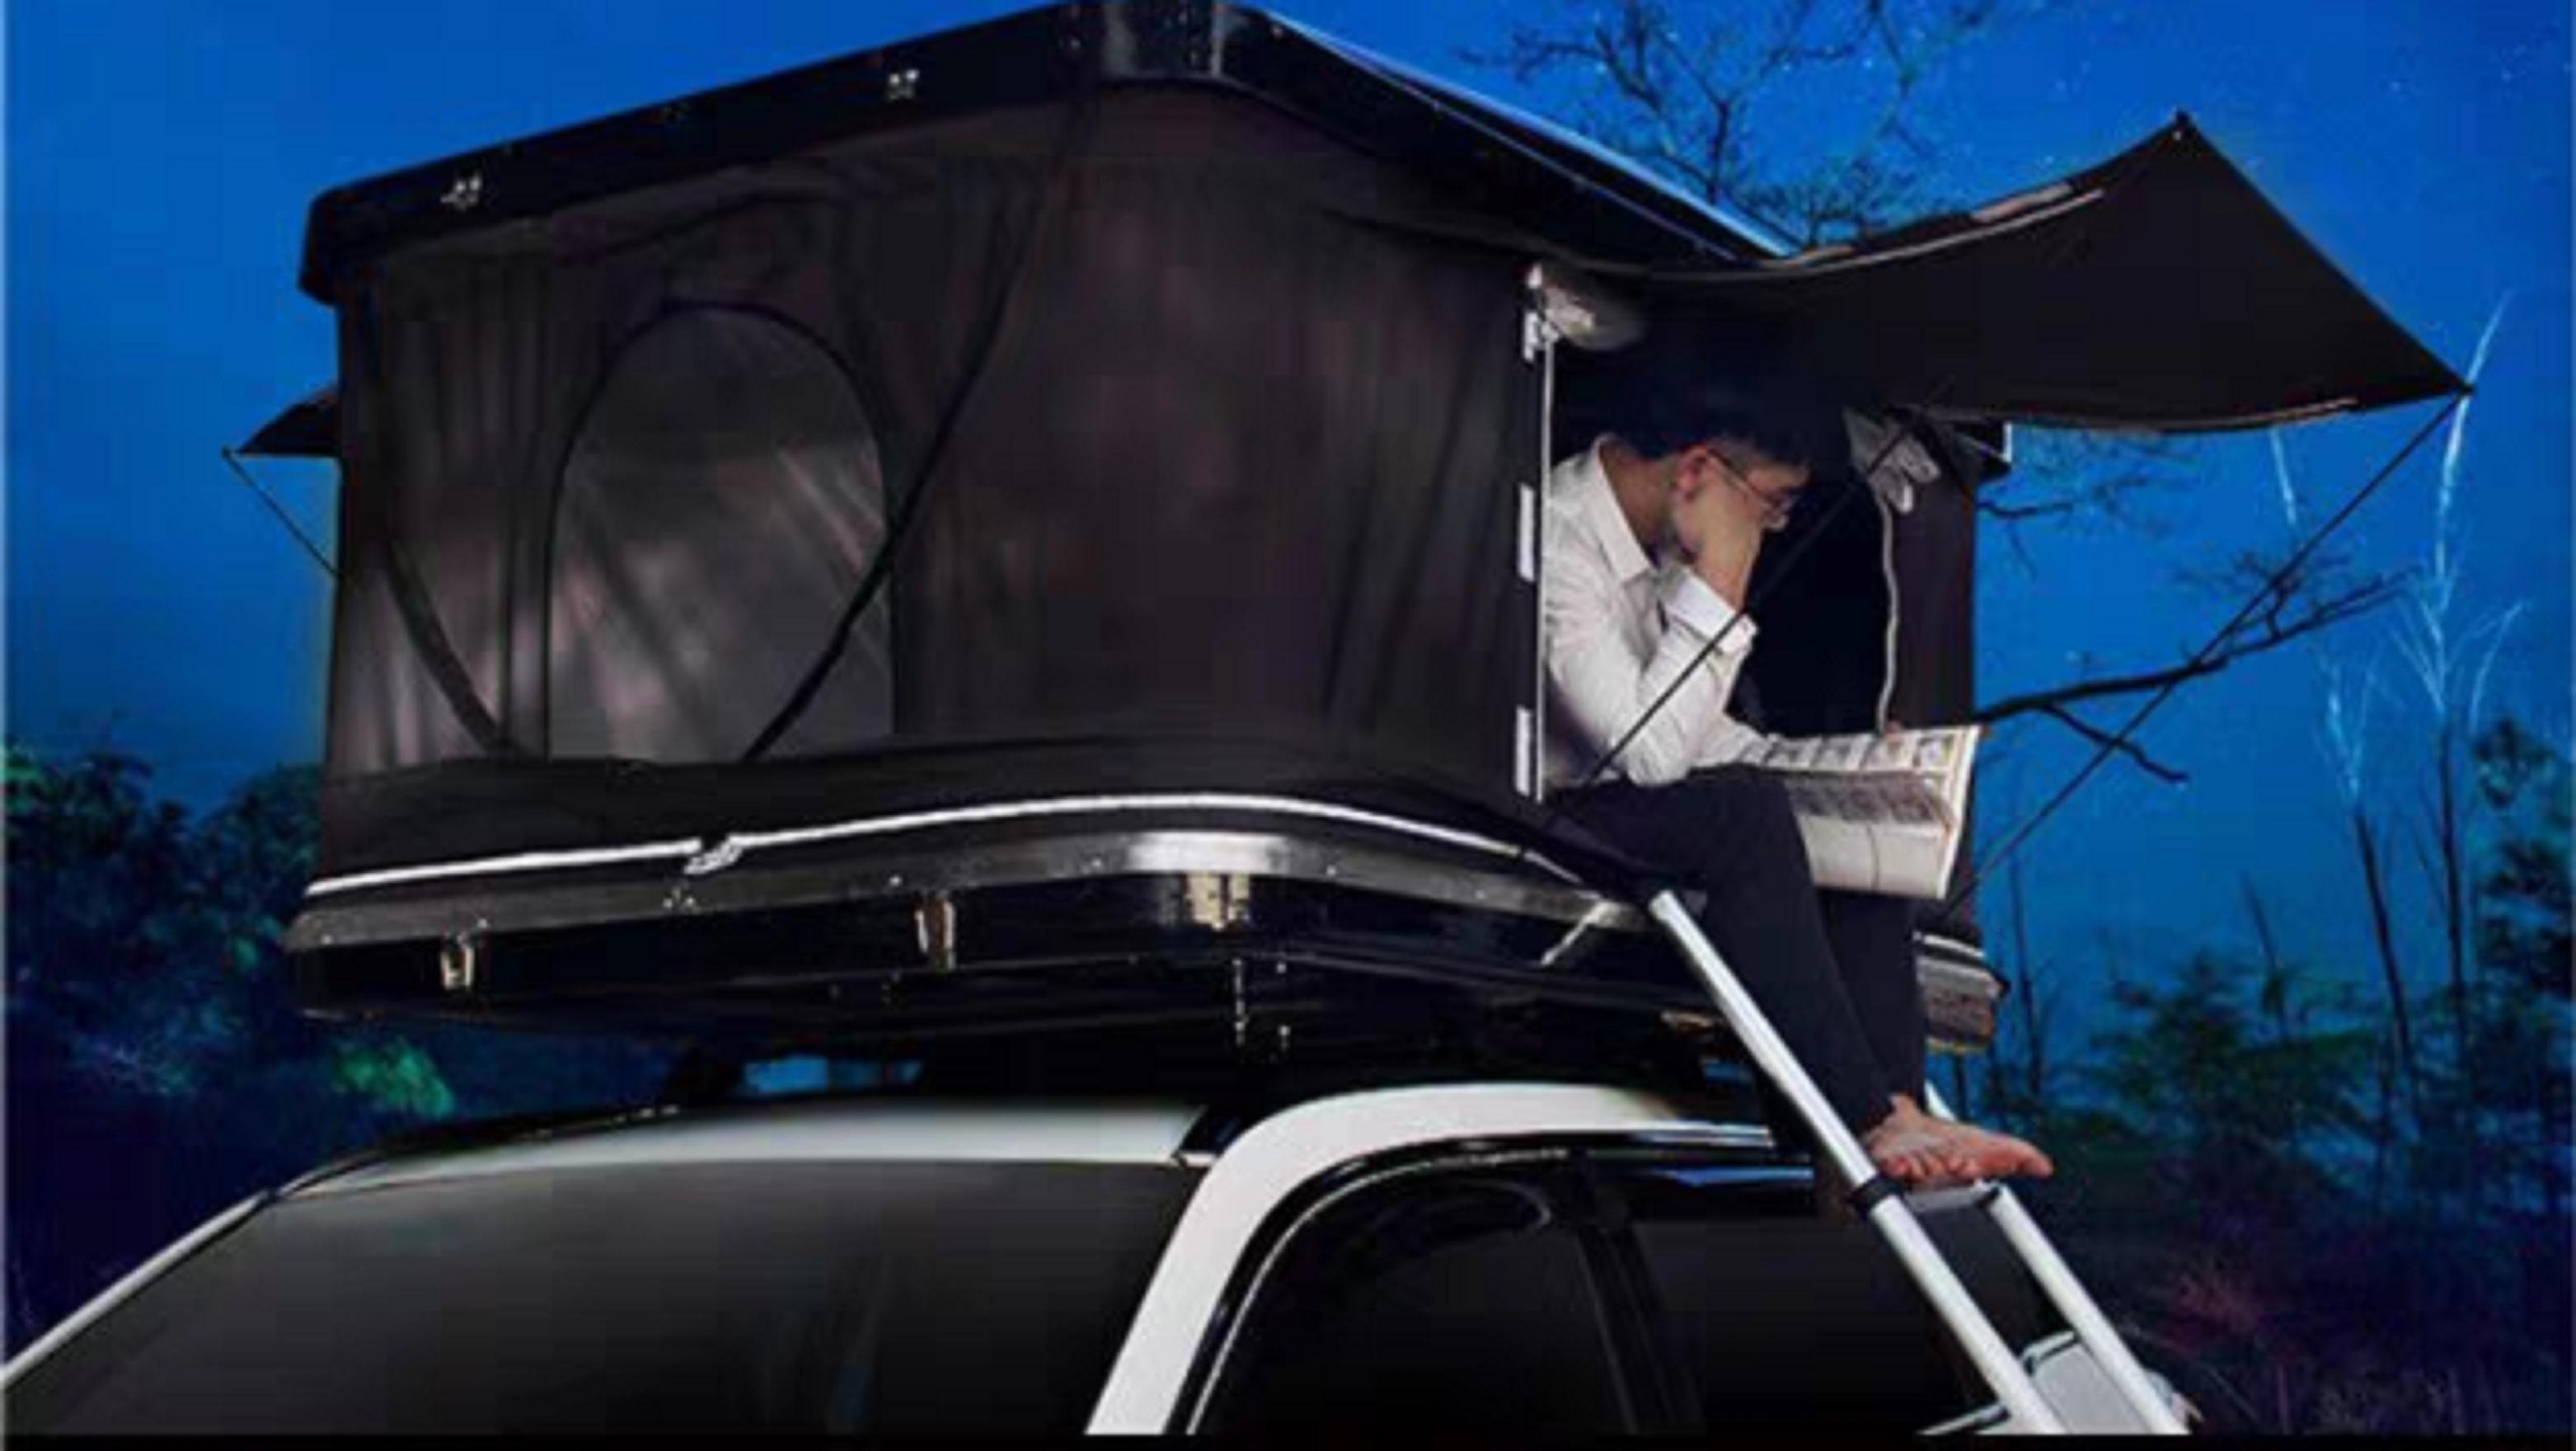 OTEJM Открытого Путешествие Оборудования ABS жесткого Top Camping Car / Truck / Сув / Van Крыши Top Палатки